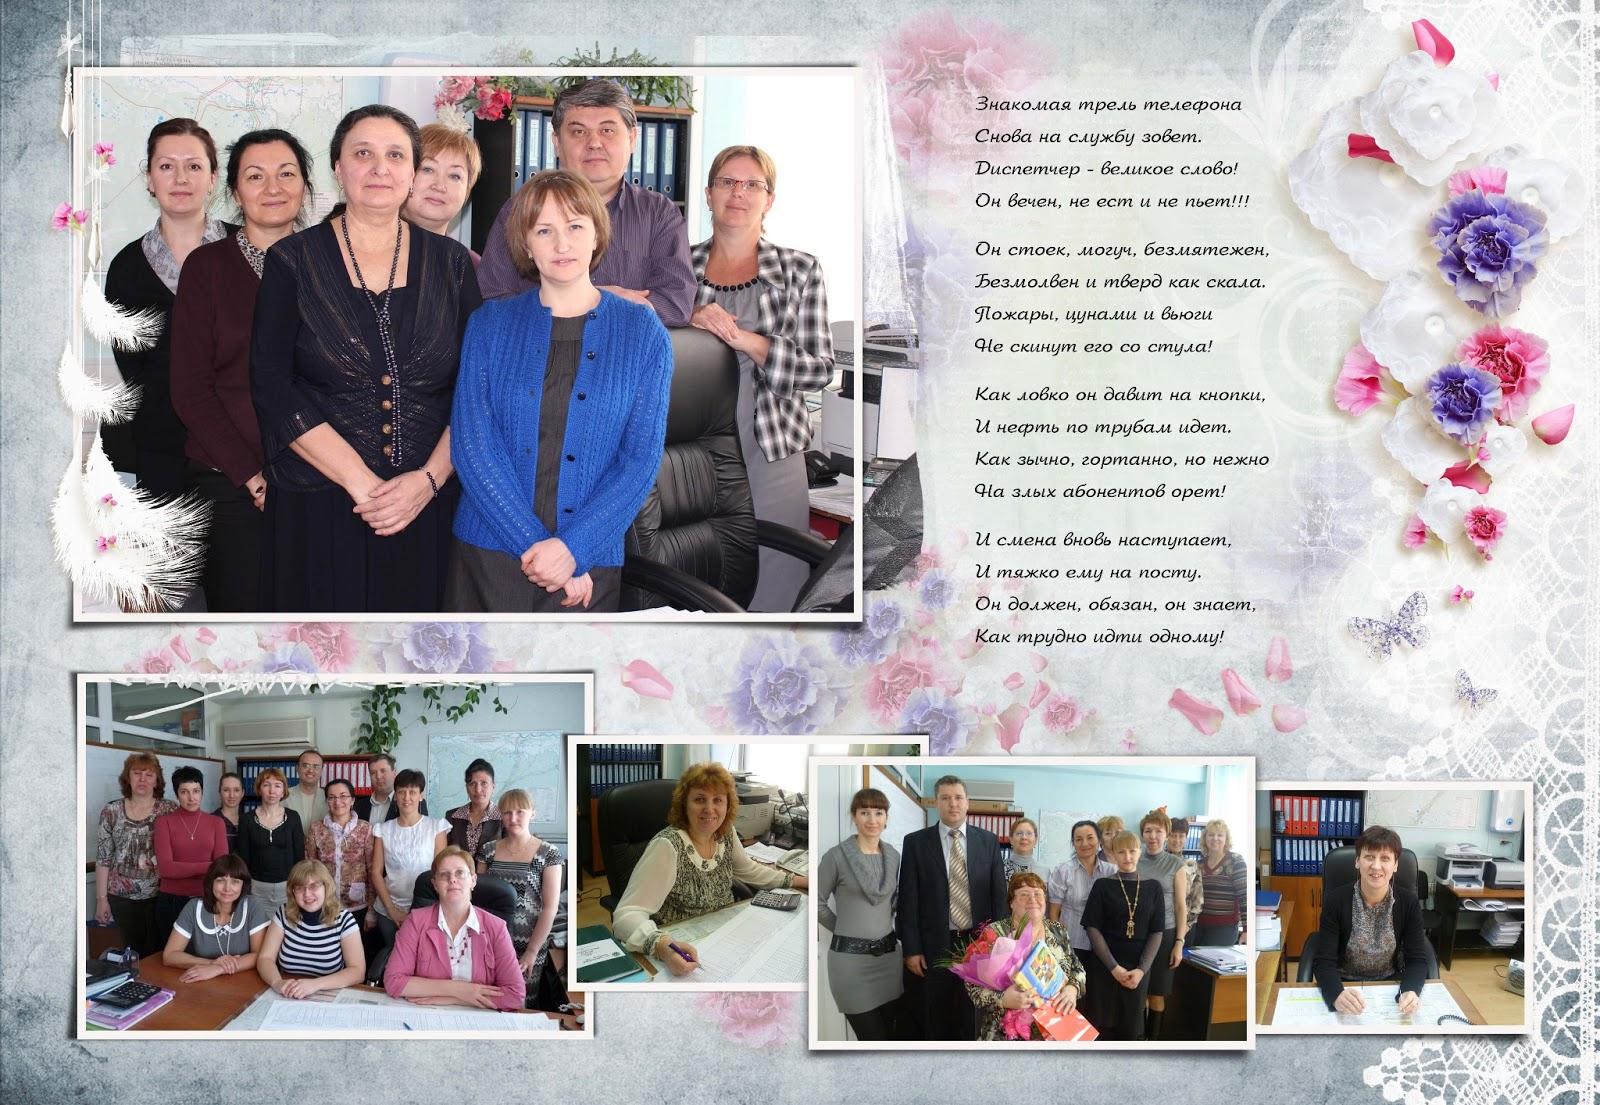 Документы для переоформления пенсии в украине